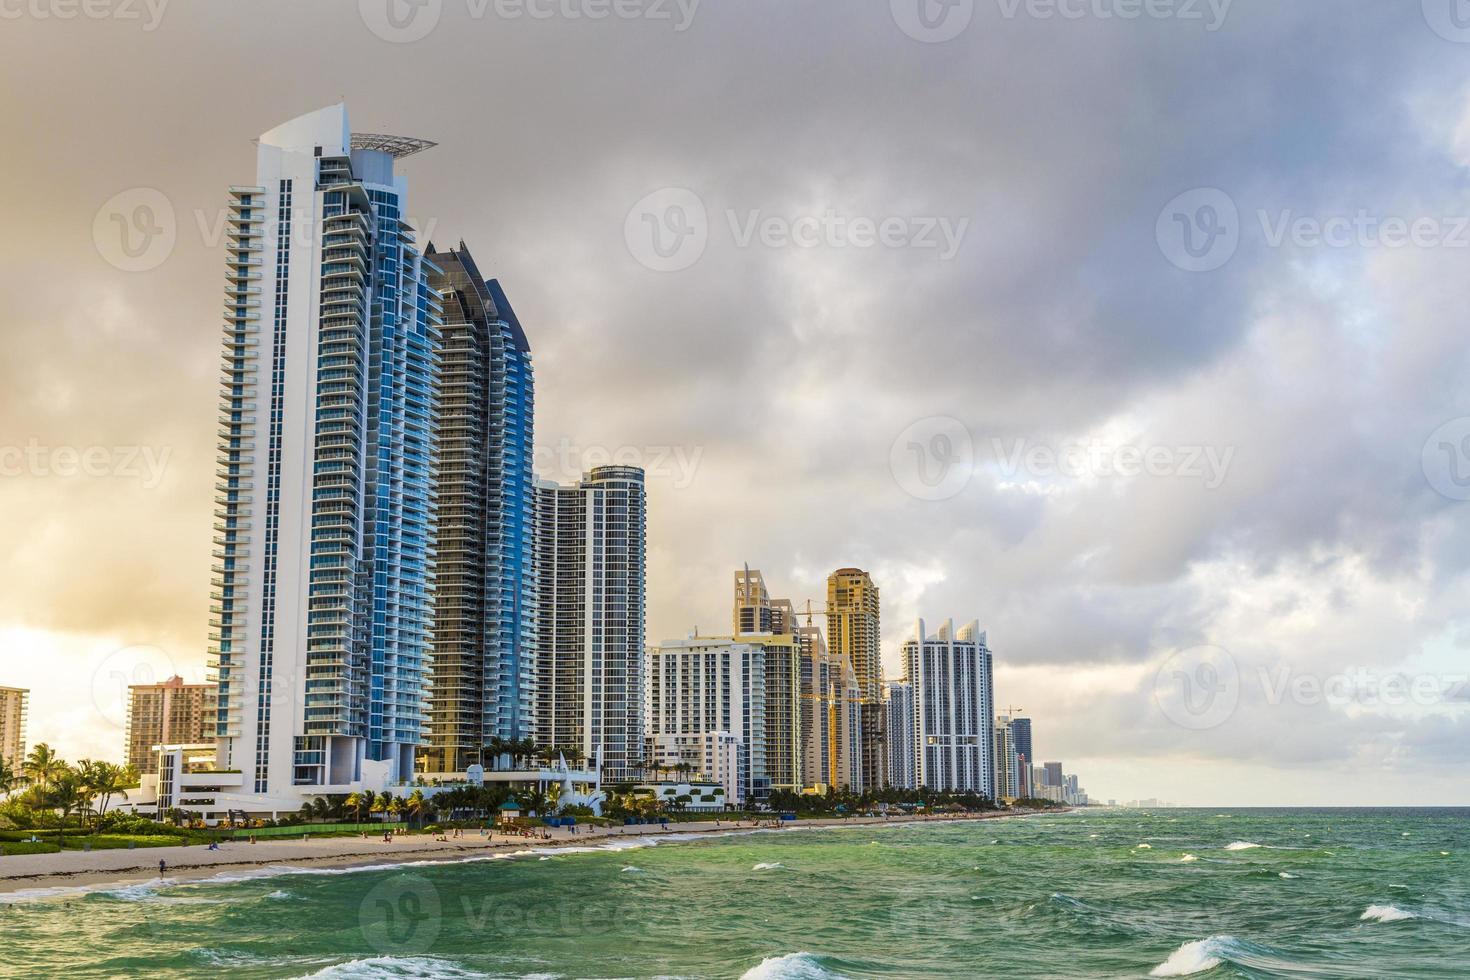 wolkenkrabber op zonnig eilandenstrand in Miami foto